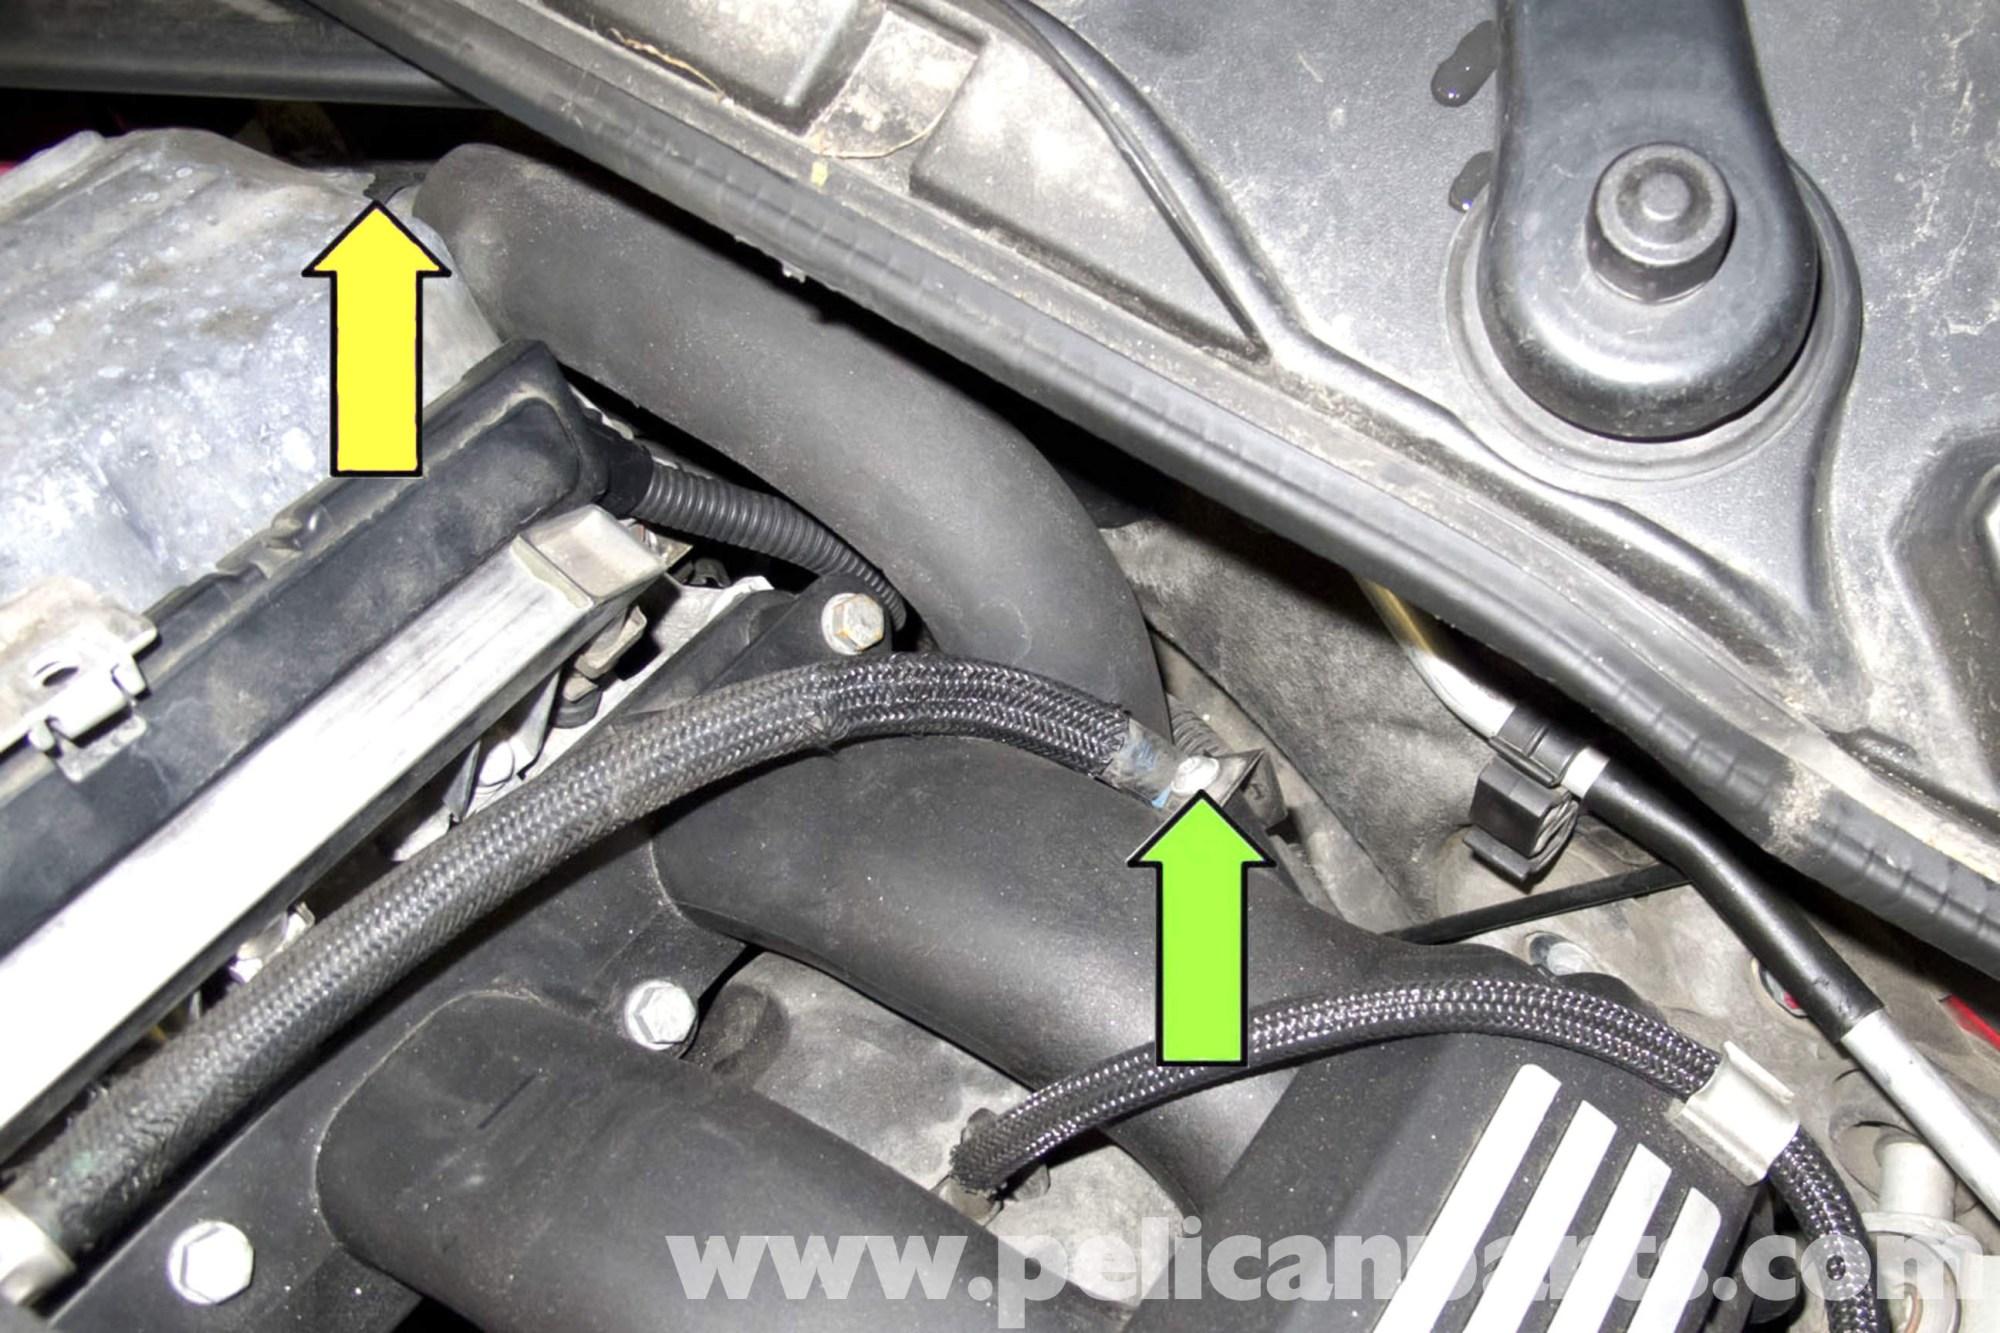 hight resolution of 2006 bmw 325i engine diagram bmw e90 intake manifold replacement e91 e92 e93 of 2006 bmw